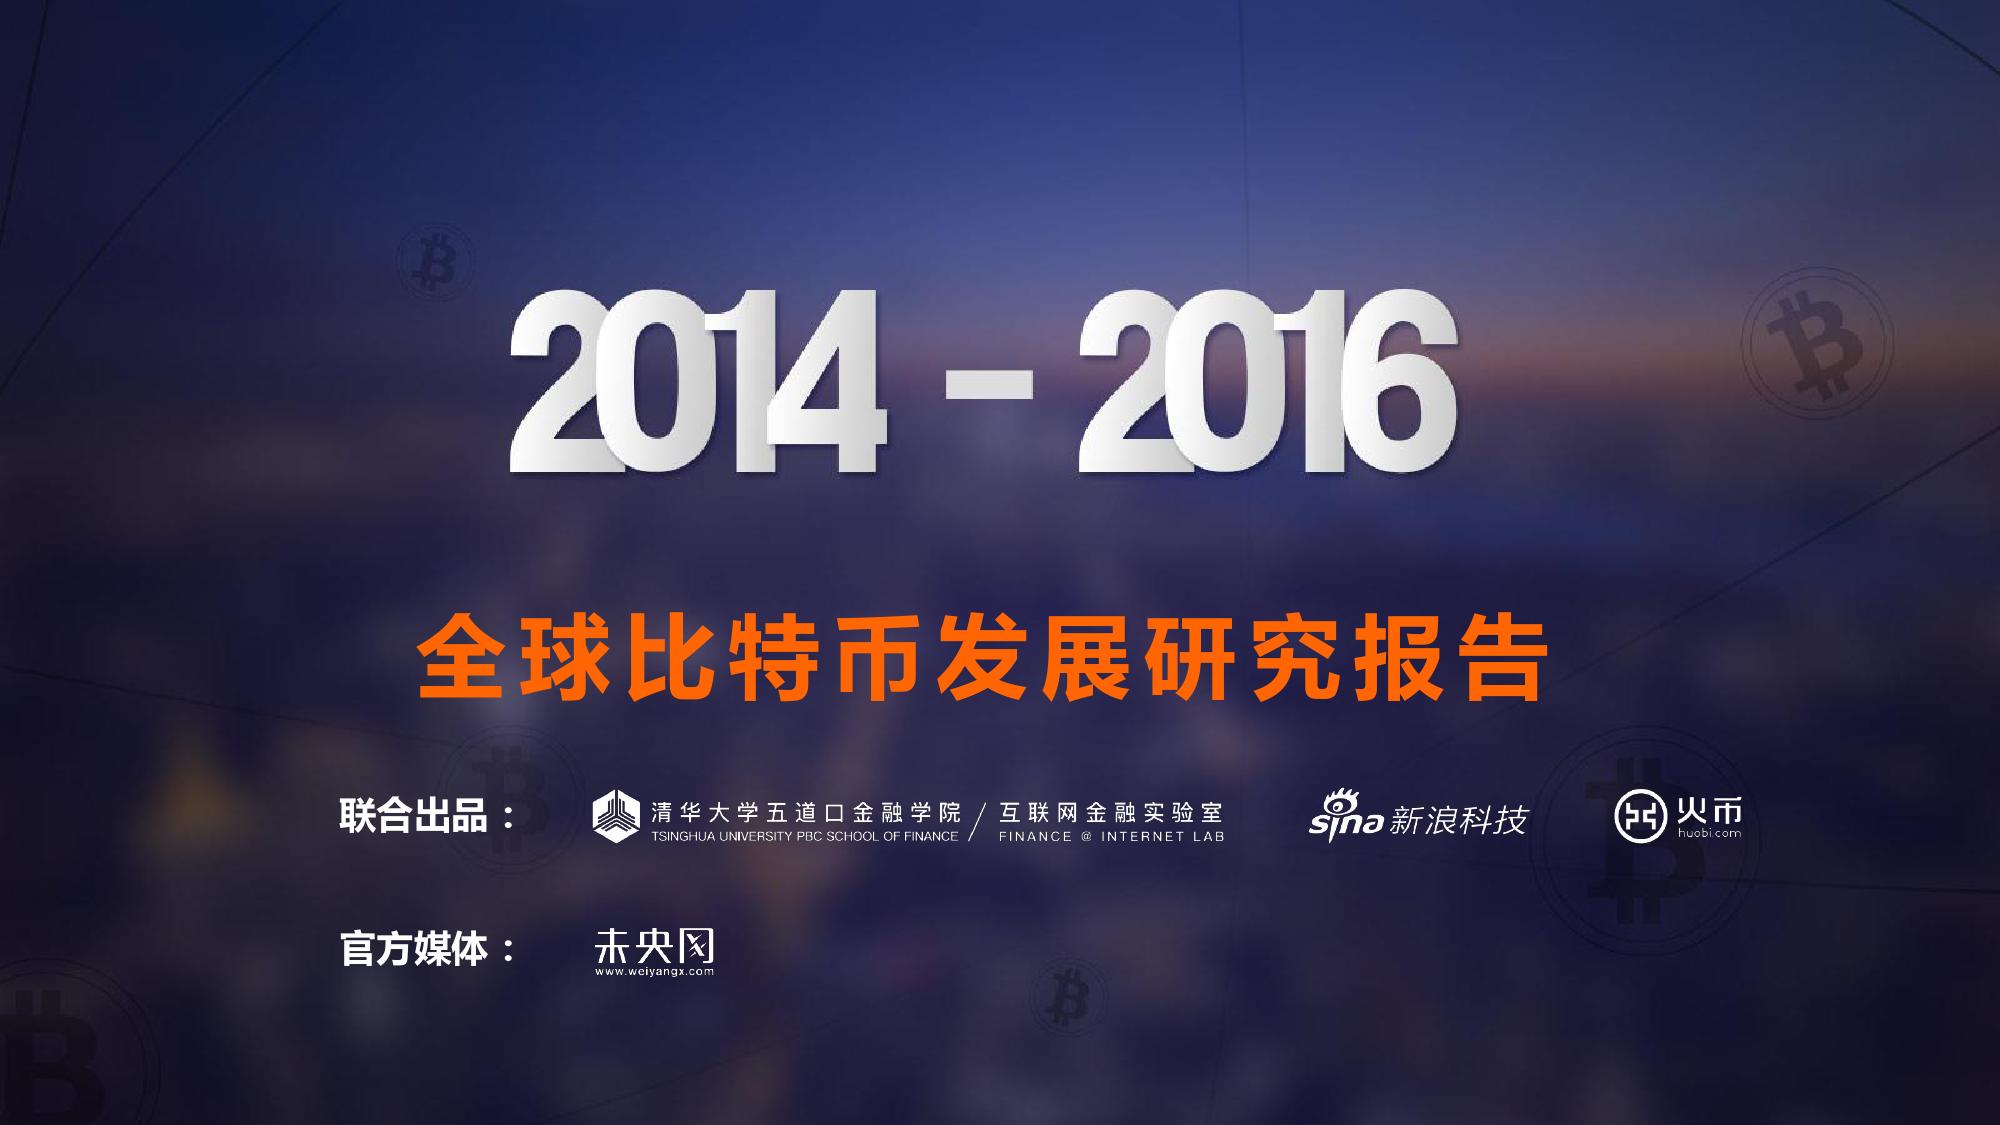 2014-2016全球比特币研究报告_000001